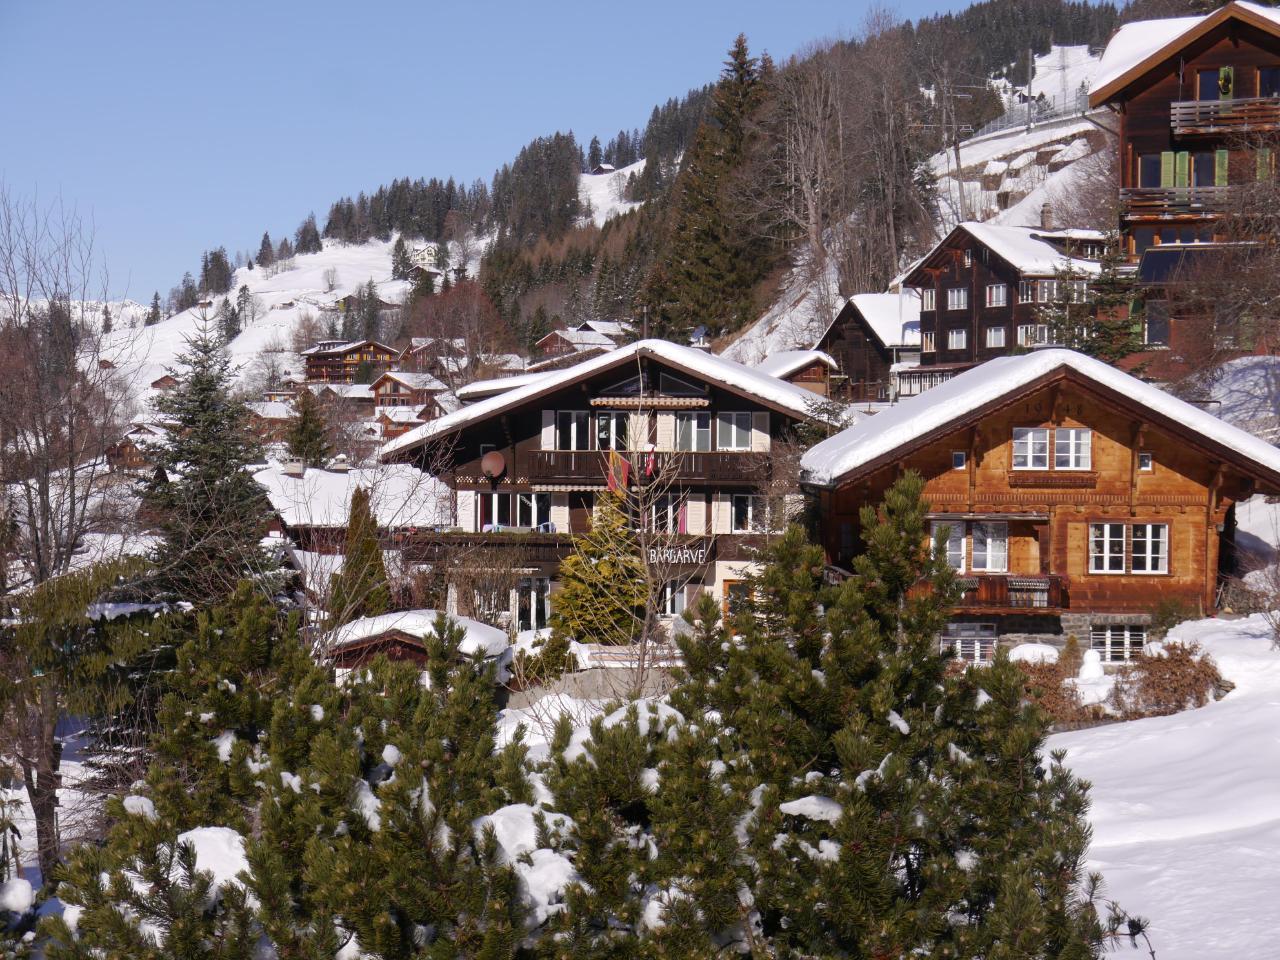 Appartement de vacances Birkli 2, 2 Bett Wohnung (2691724), Wengen, Région de la Jungfrau, Oberland bernois, Suisse, image 19